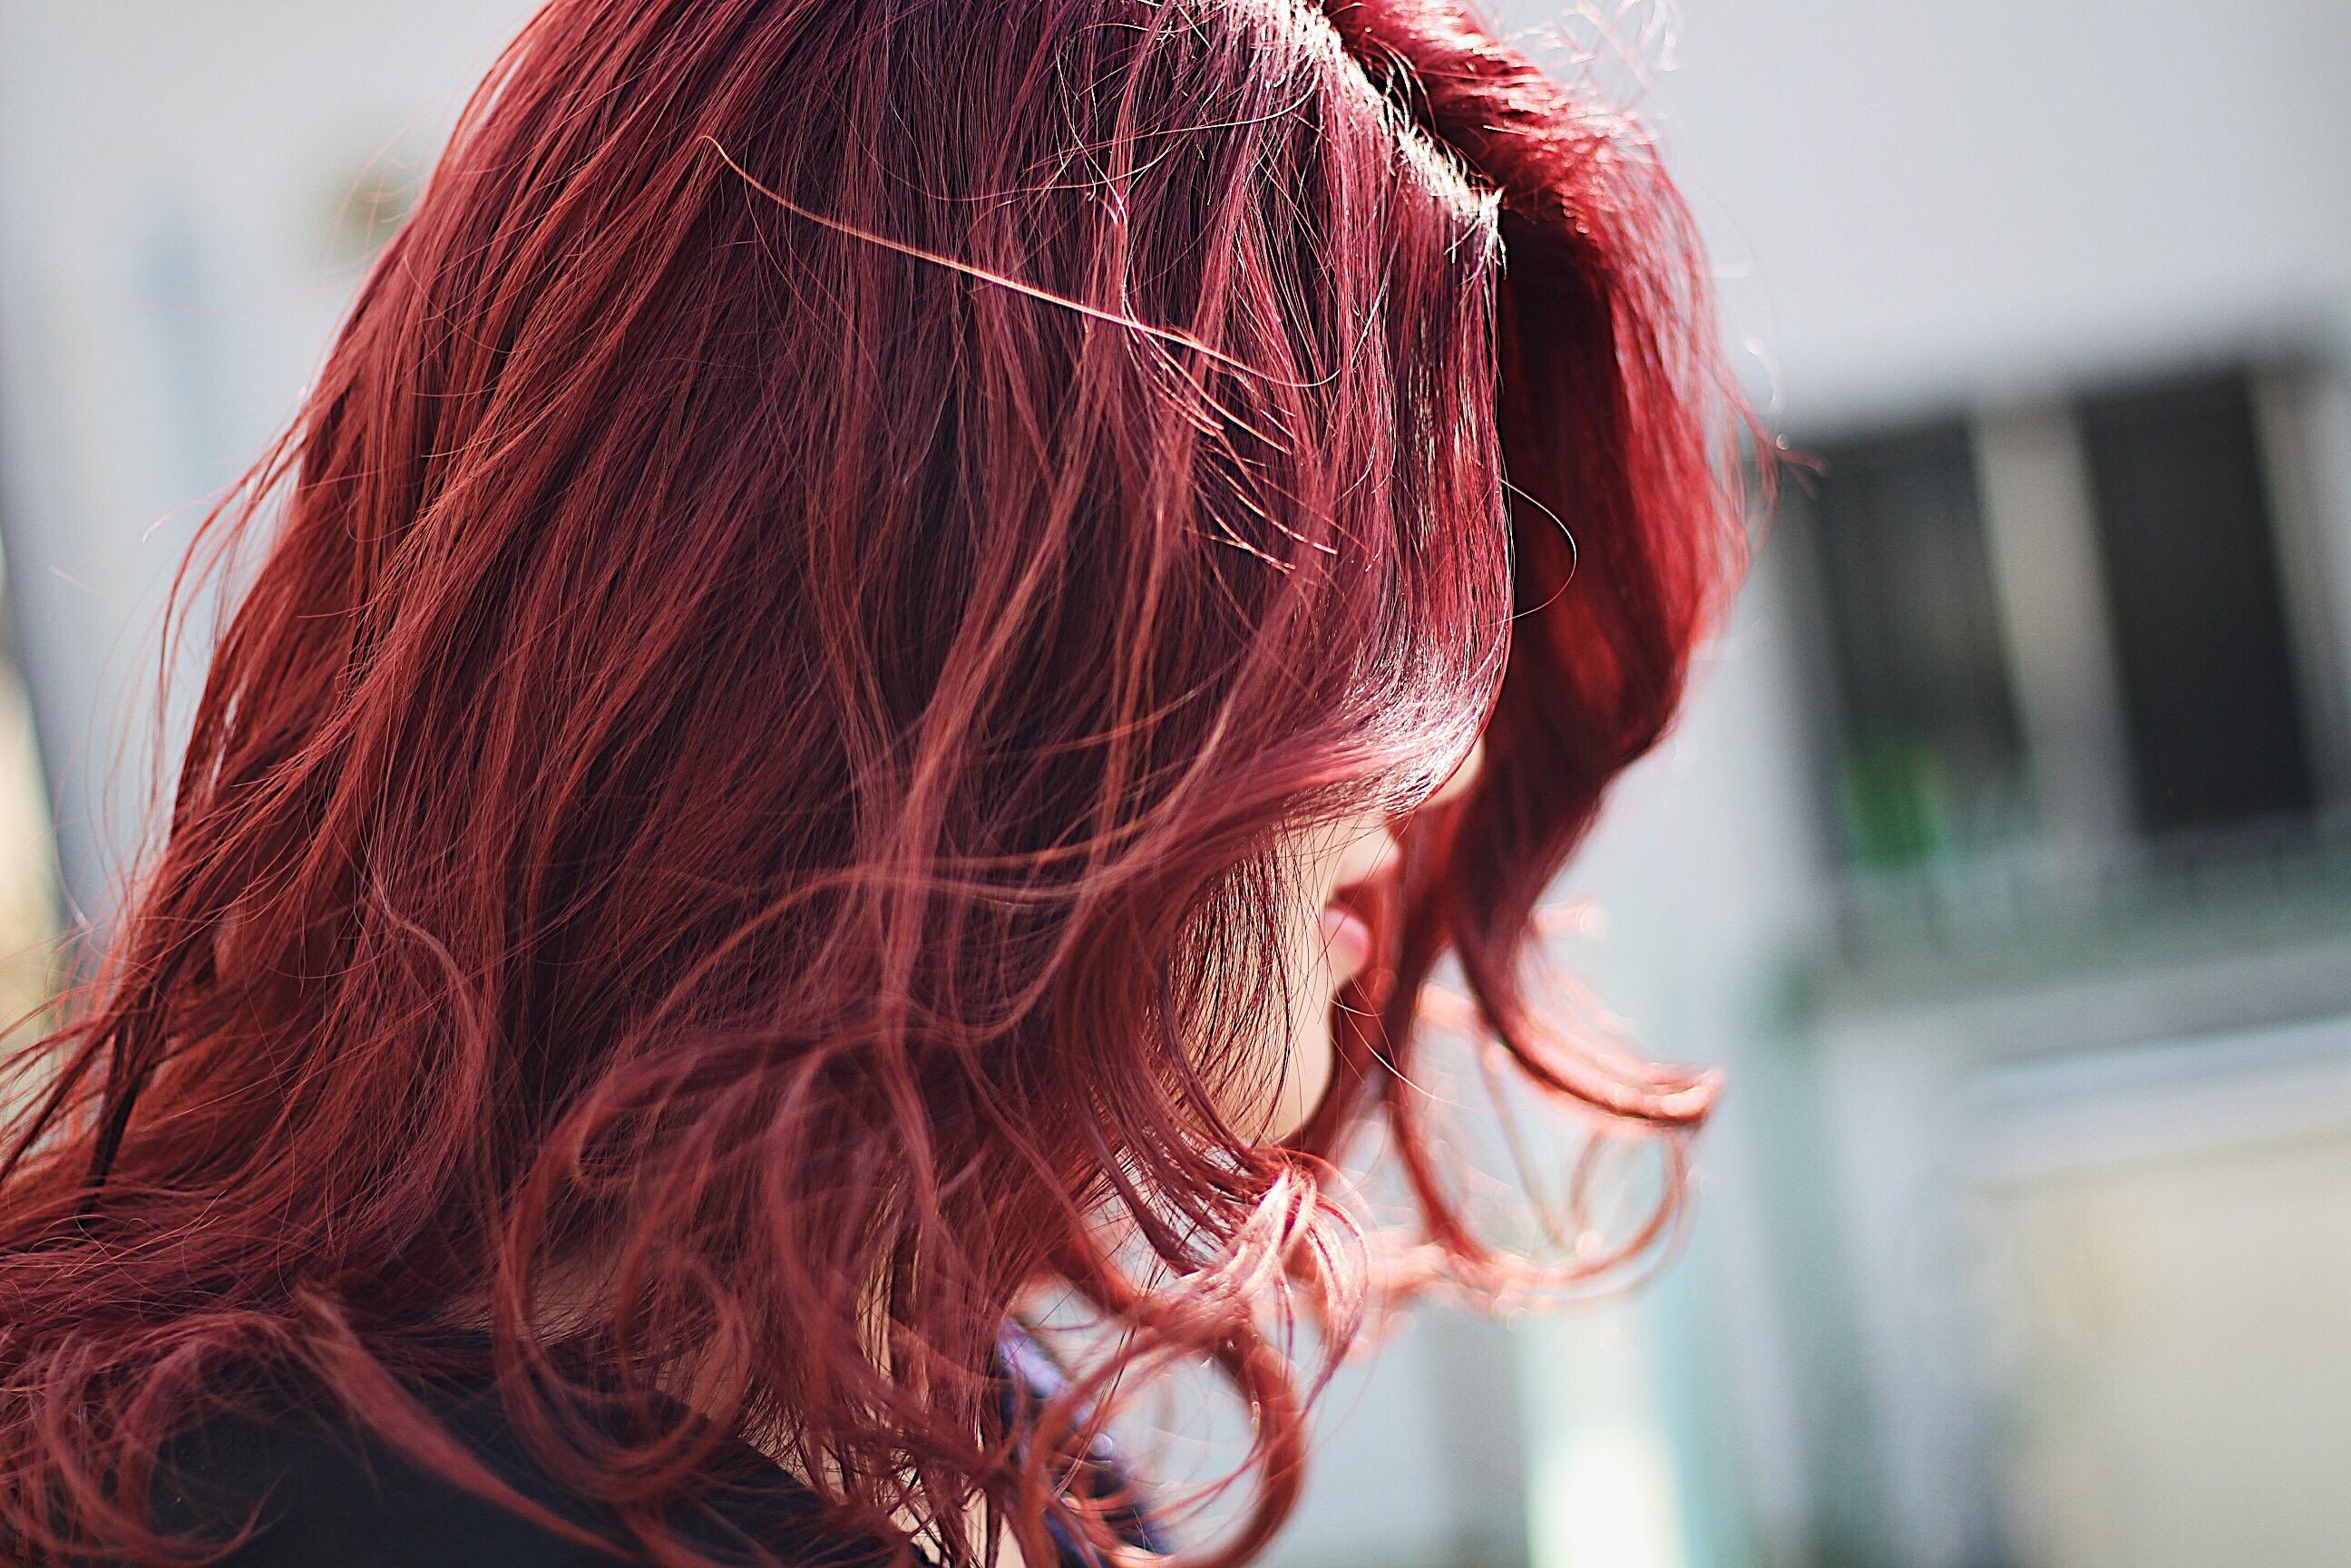 【2018秋冬 大注目!!】 のトレンドカラー 「赤」 を使ったトレンドヘアカラーをご紹介します!